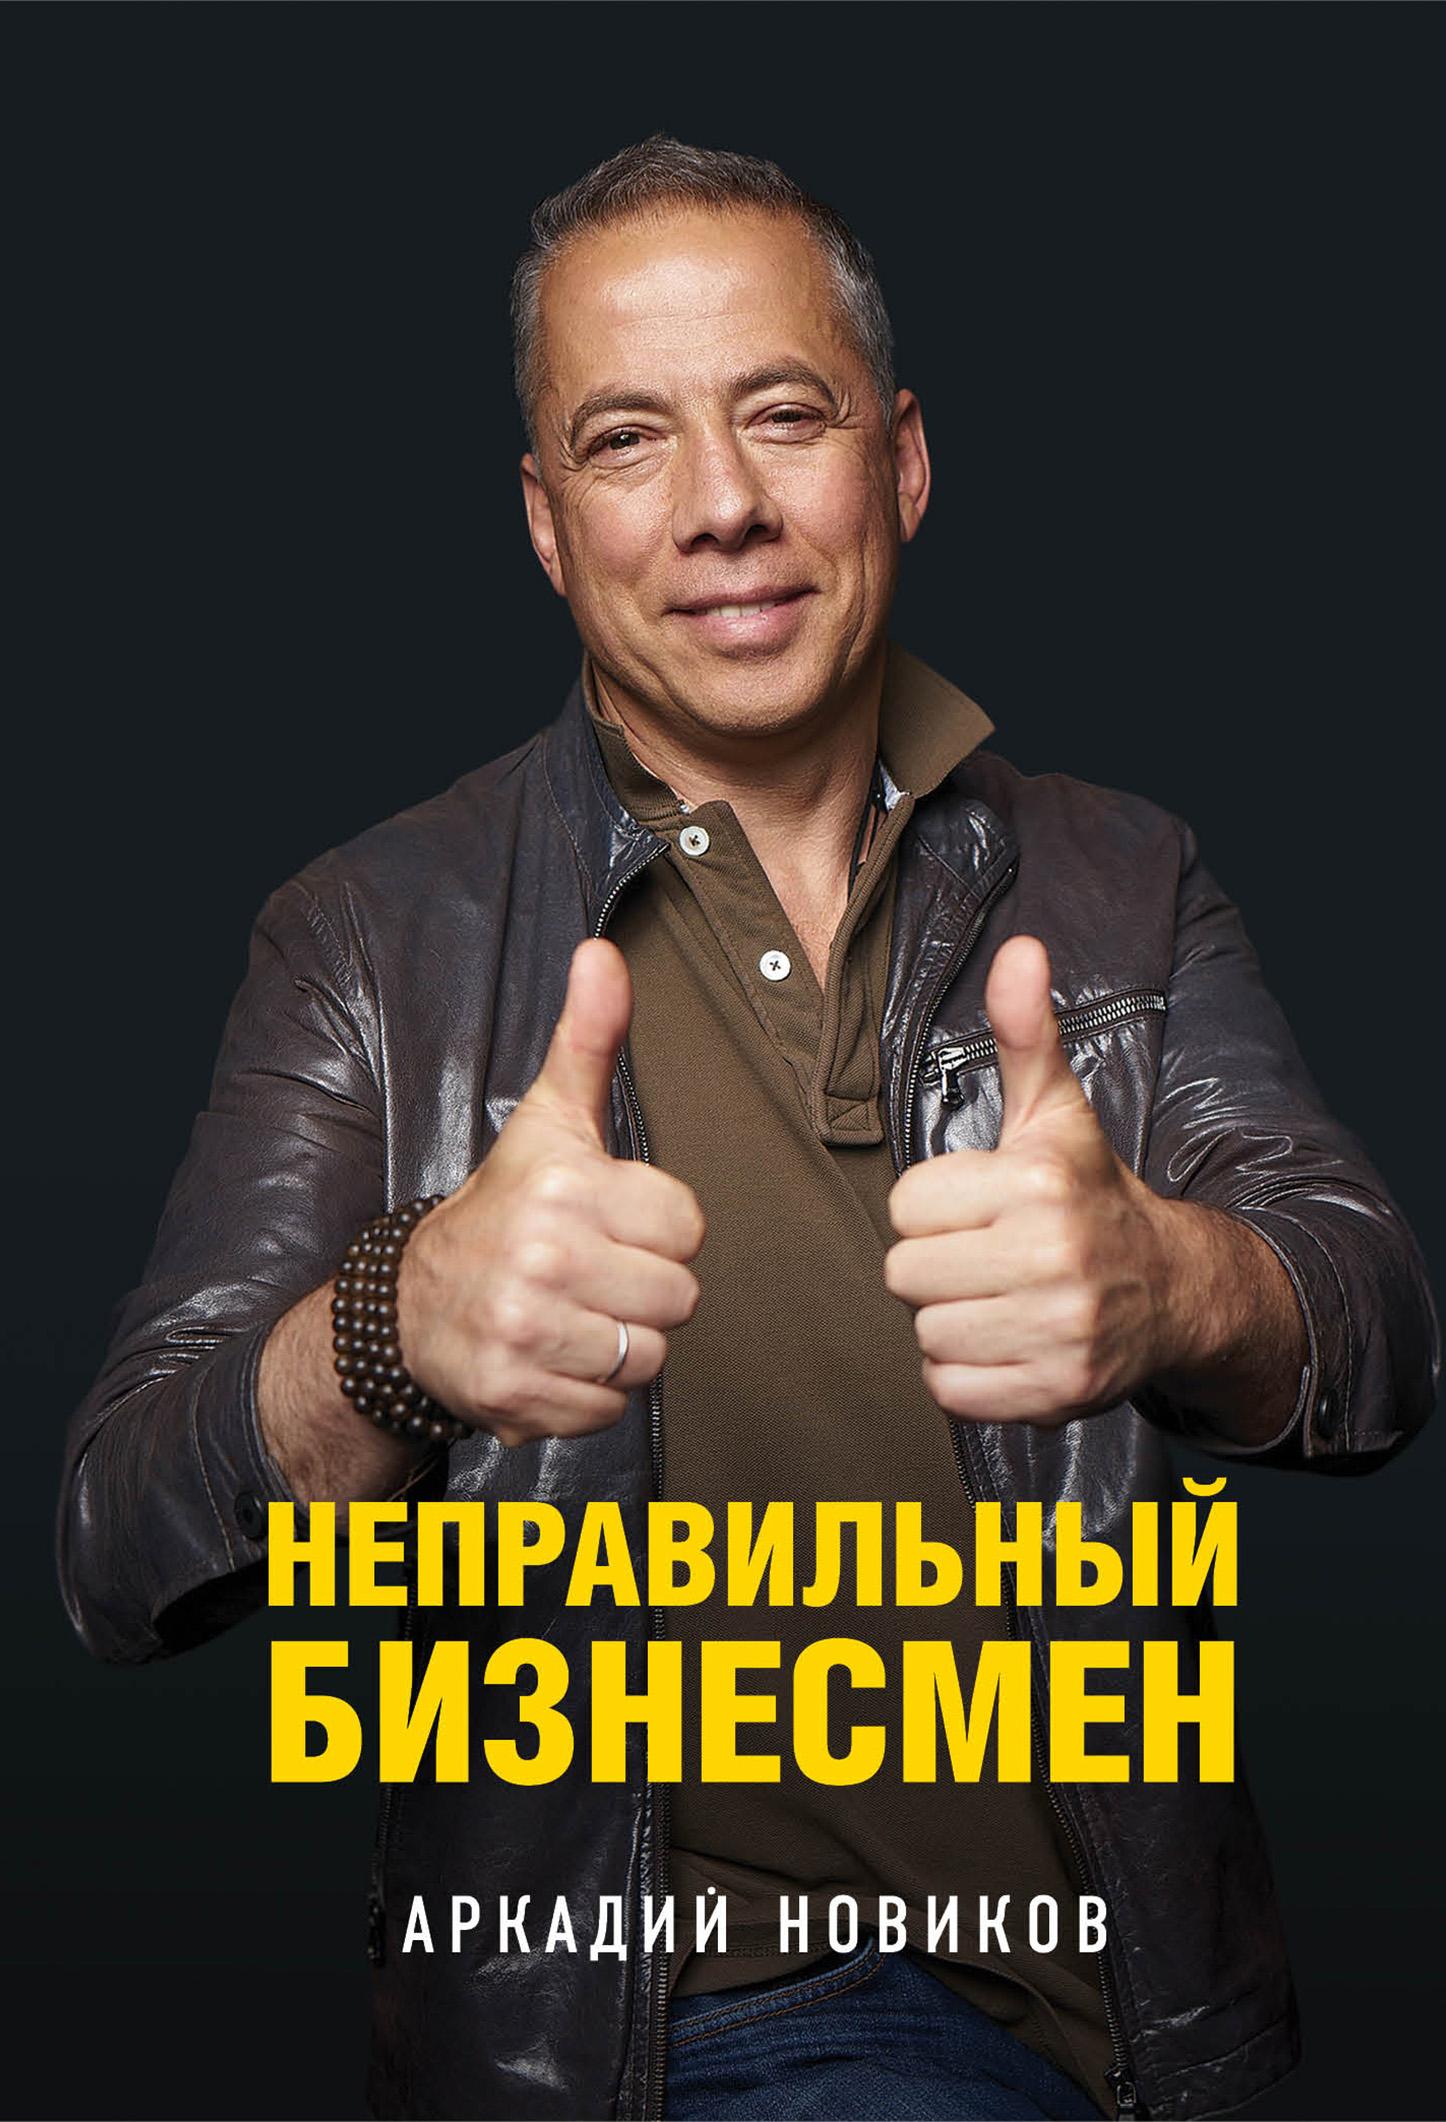 Обложка книги. Автор - Аркадий Новиков